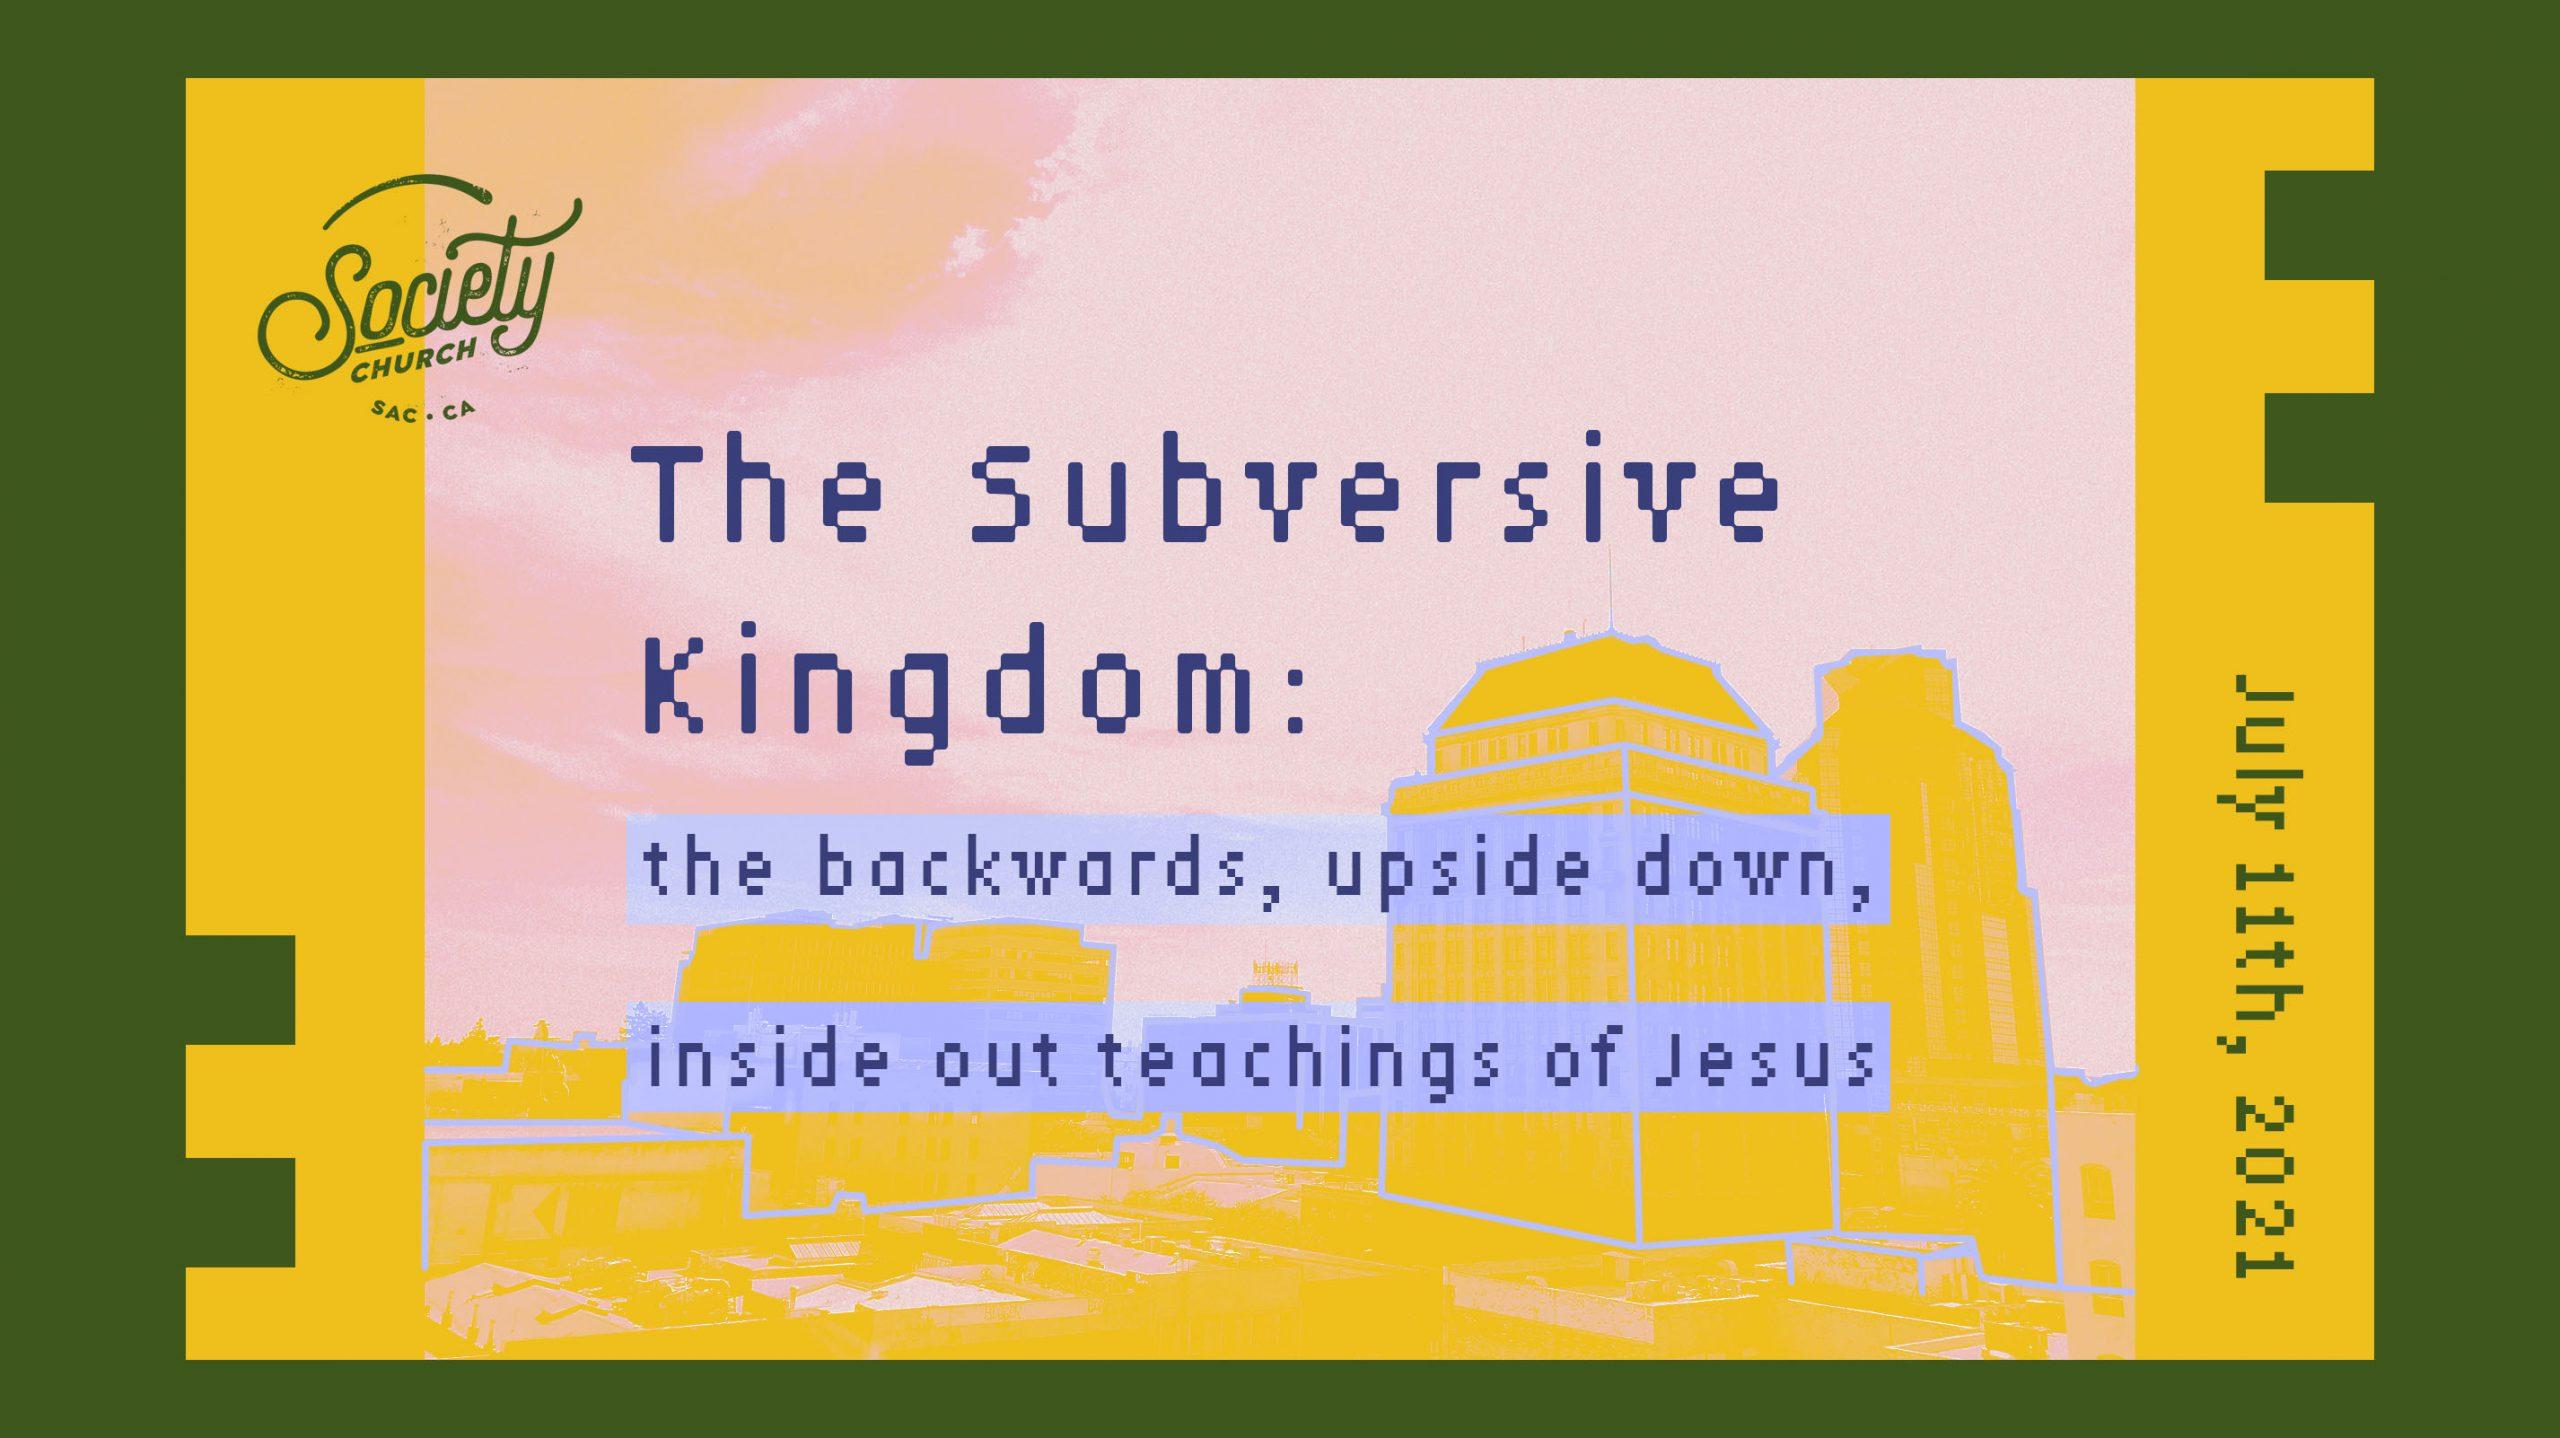 The Subversive Kingdom: Week 3